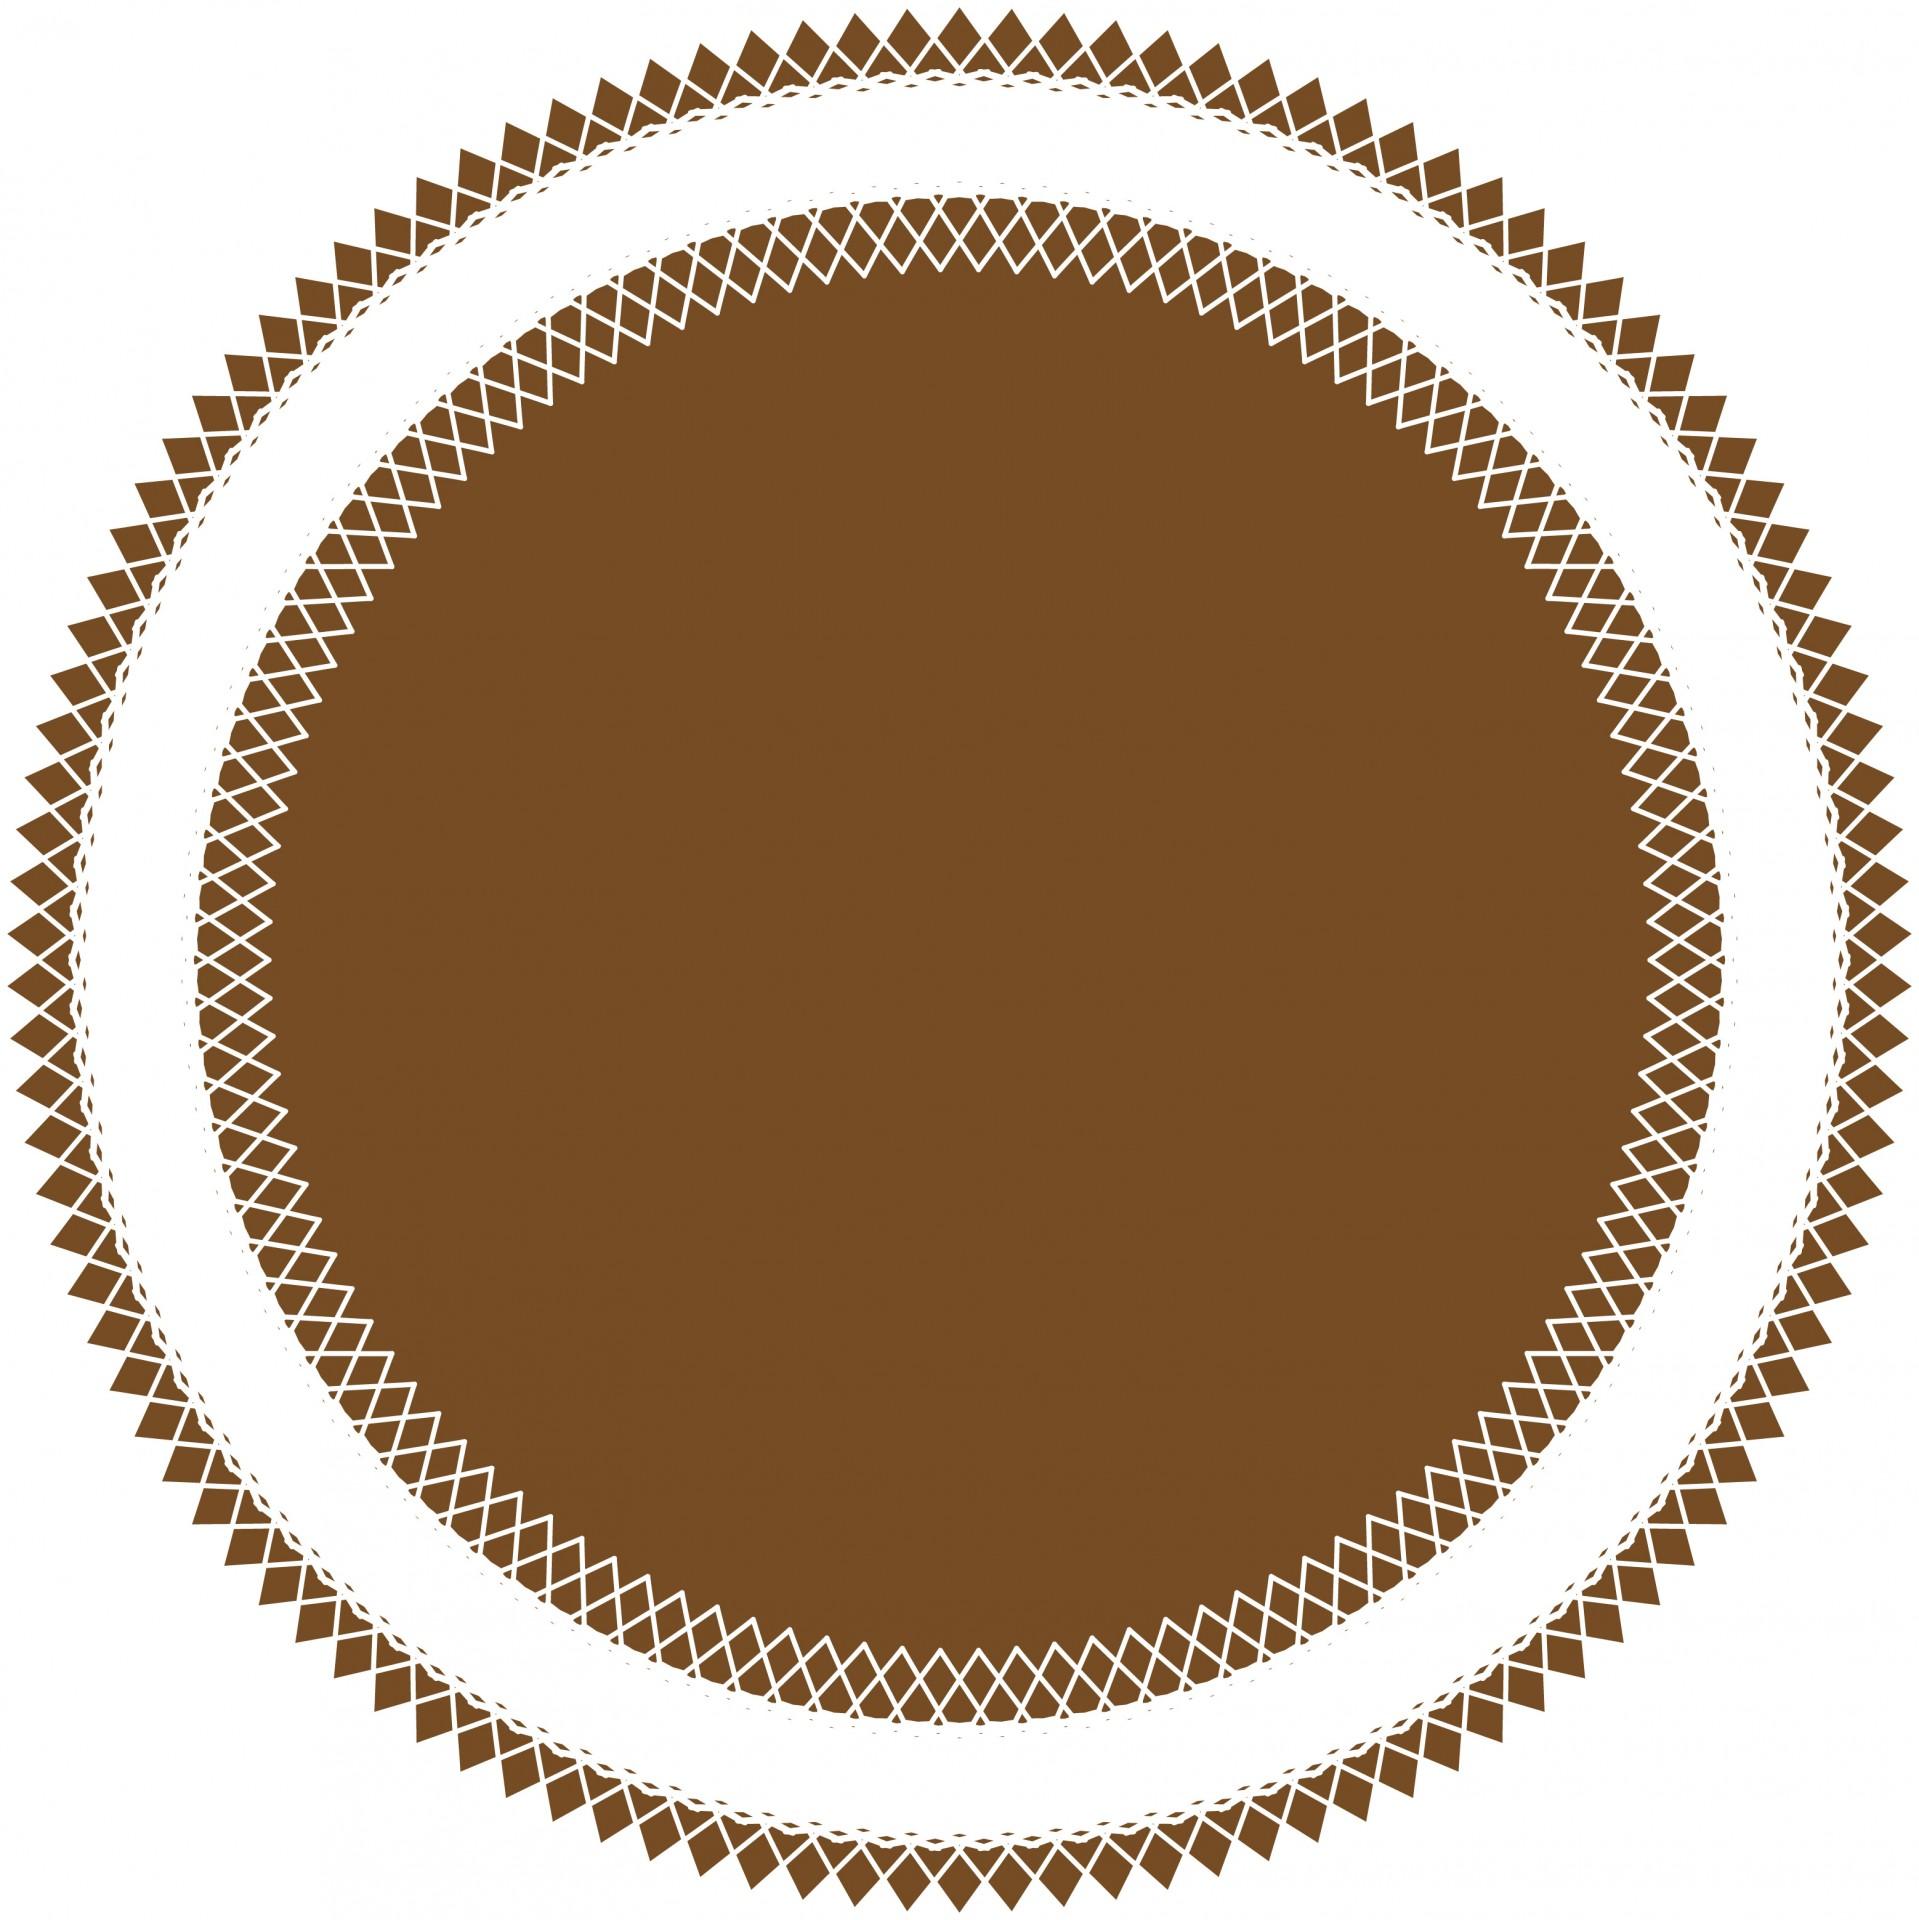 1919x1920 Doily Shape Clip Art Free Stock Photo